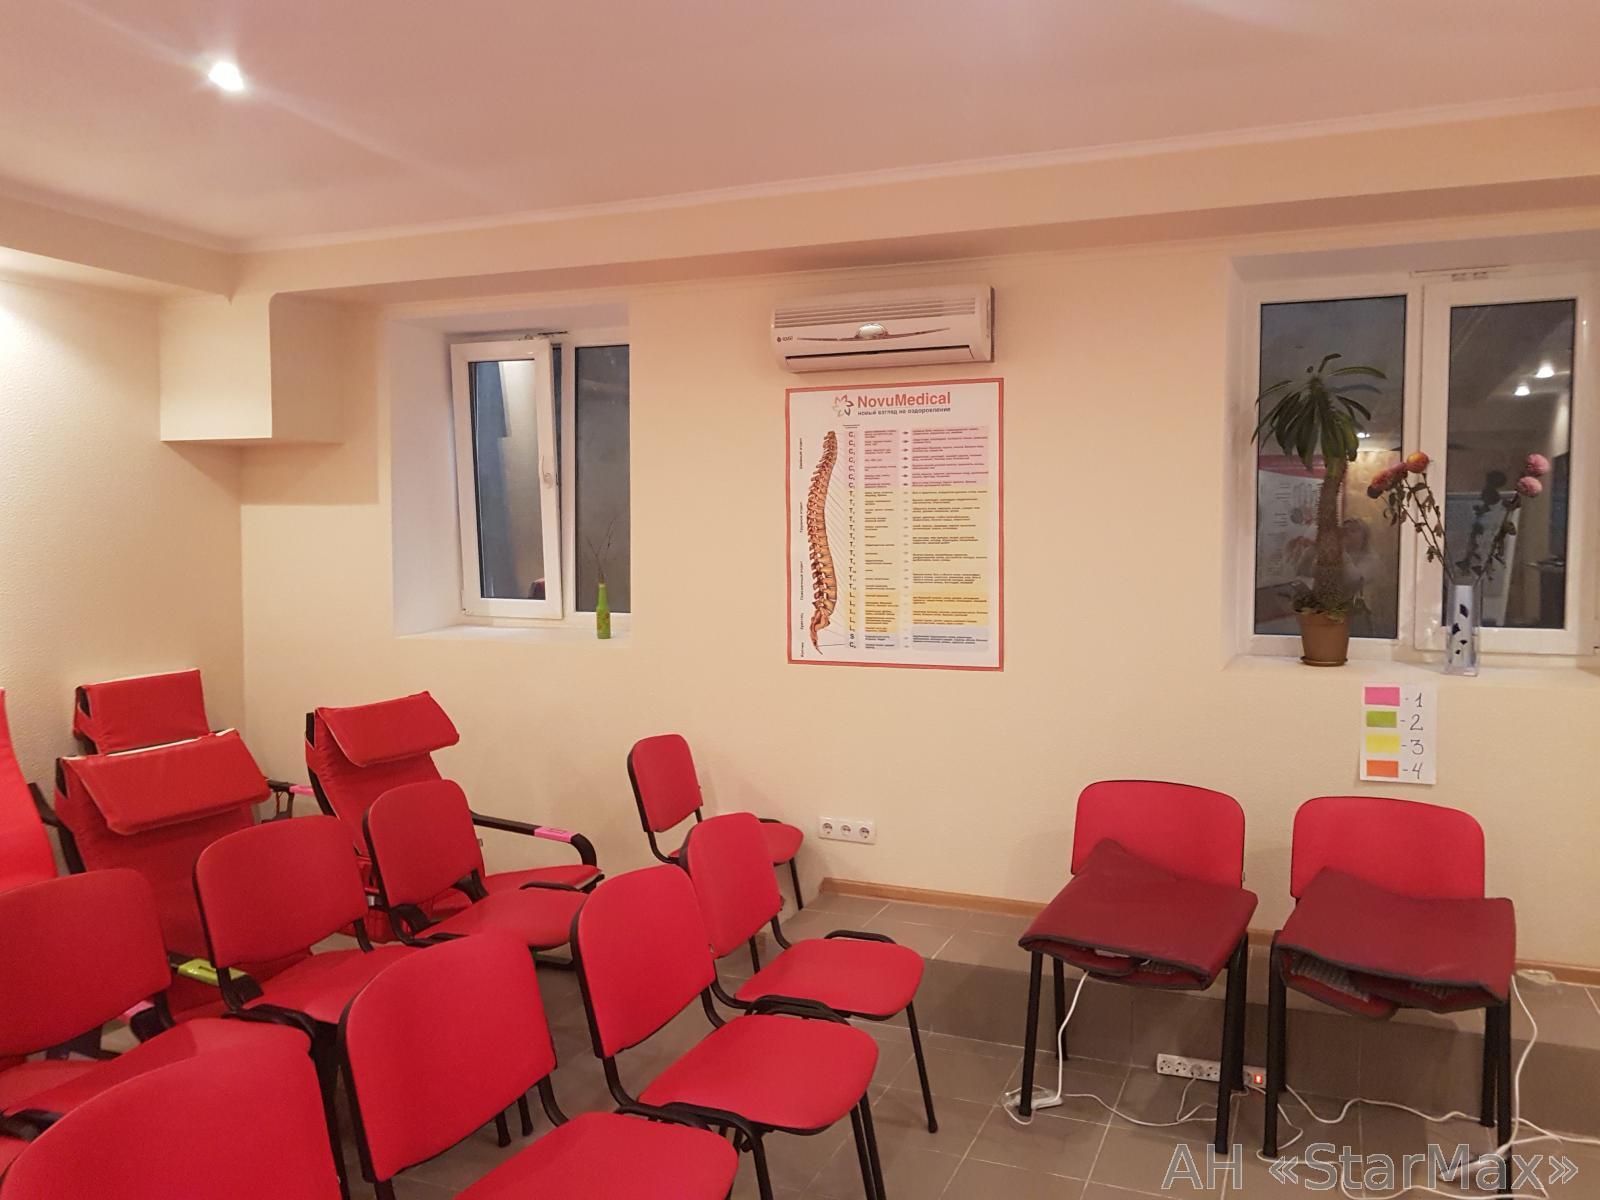 Продам офис в многоквартирном доме Киев, Дружбы Народов бул. 3